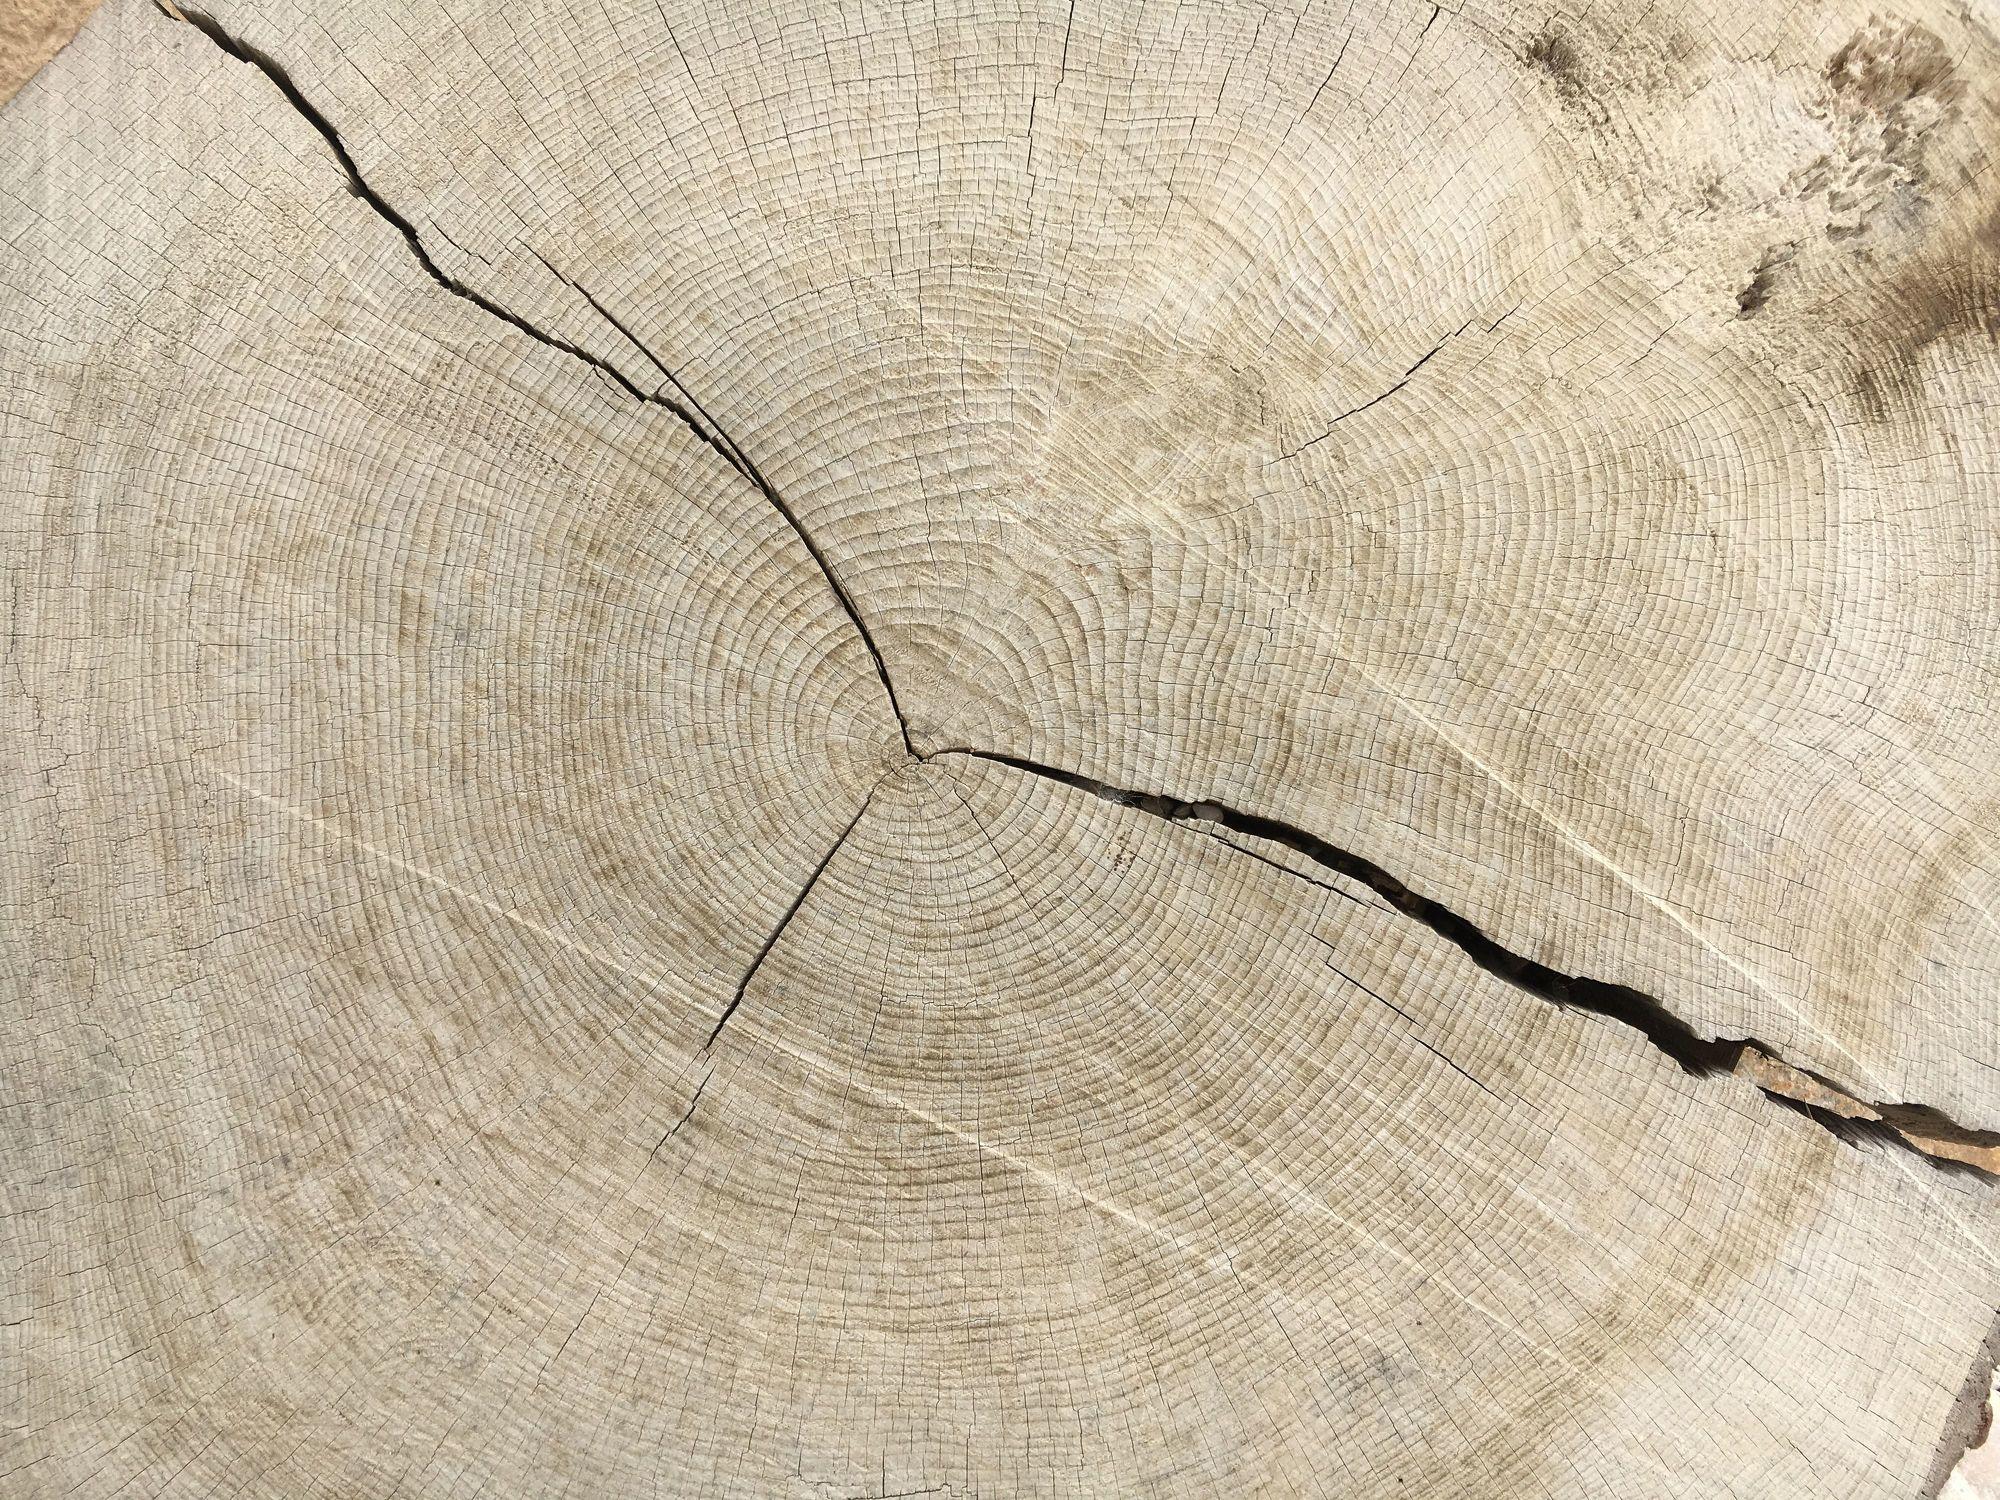 Bild mit Holz, Struktur, Baumstamm, Jahresringe, Holzstruktur, Windriss, Holzscheibe, Eiche, Eichenholz